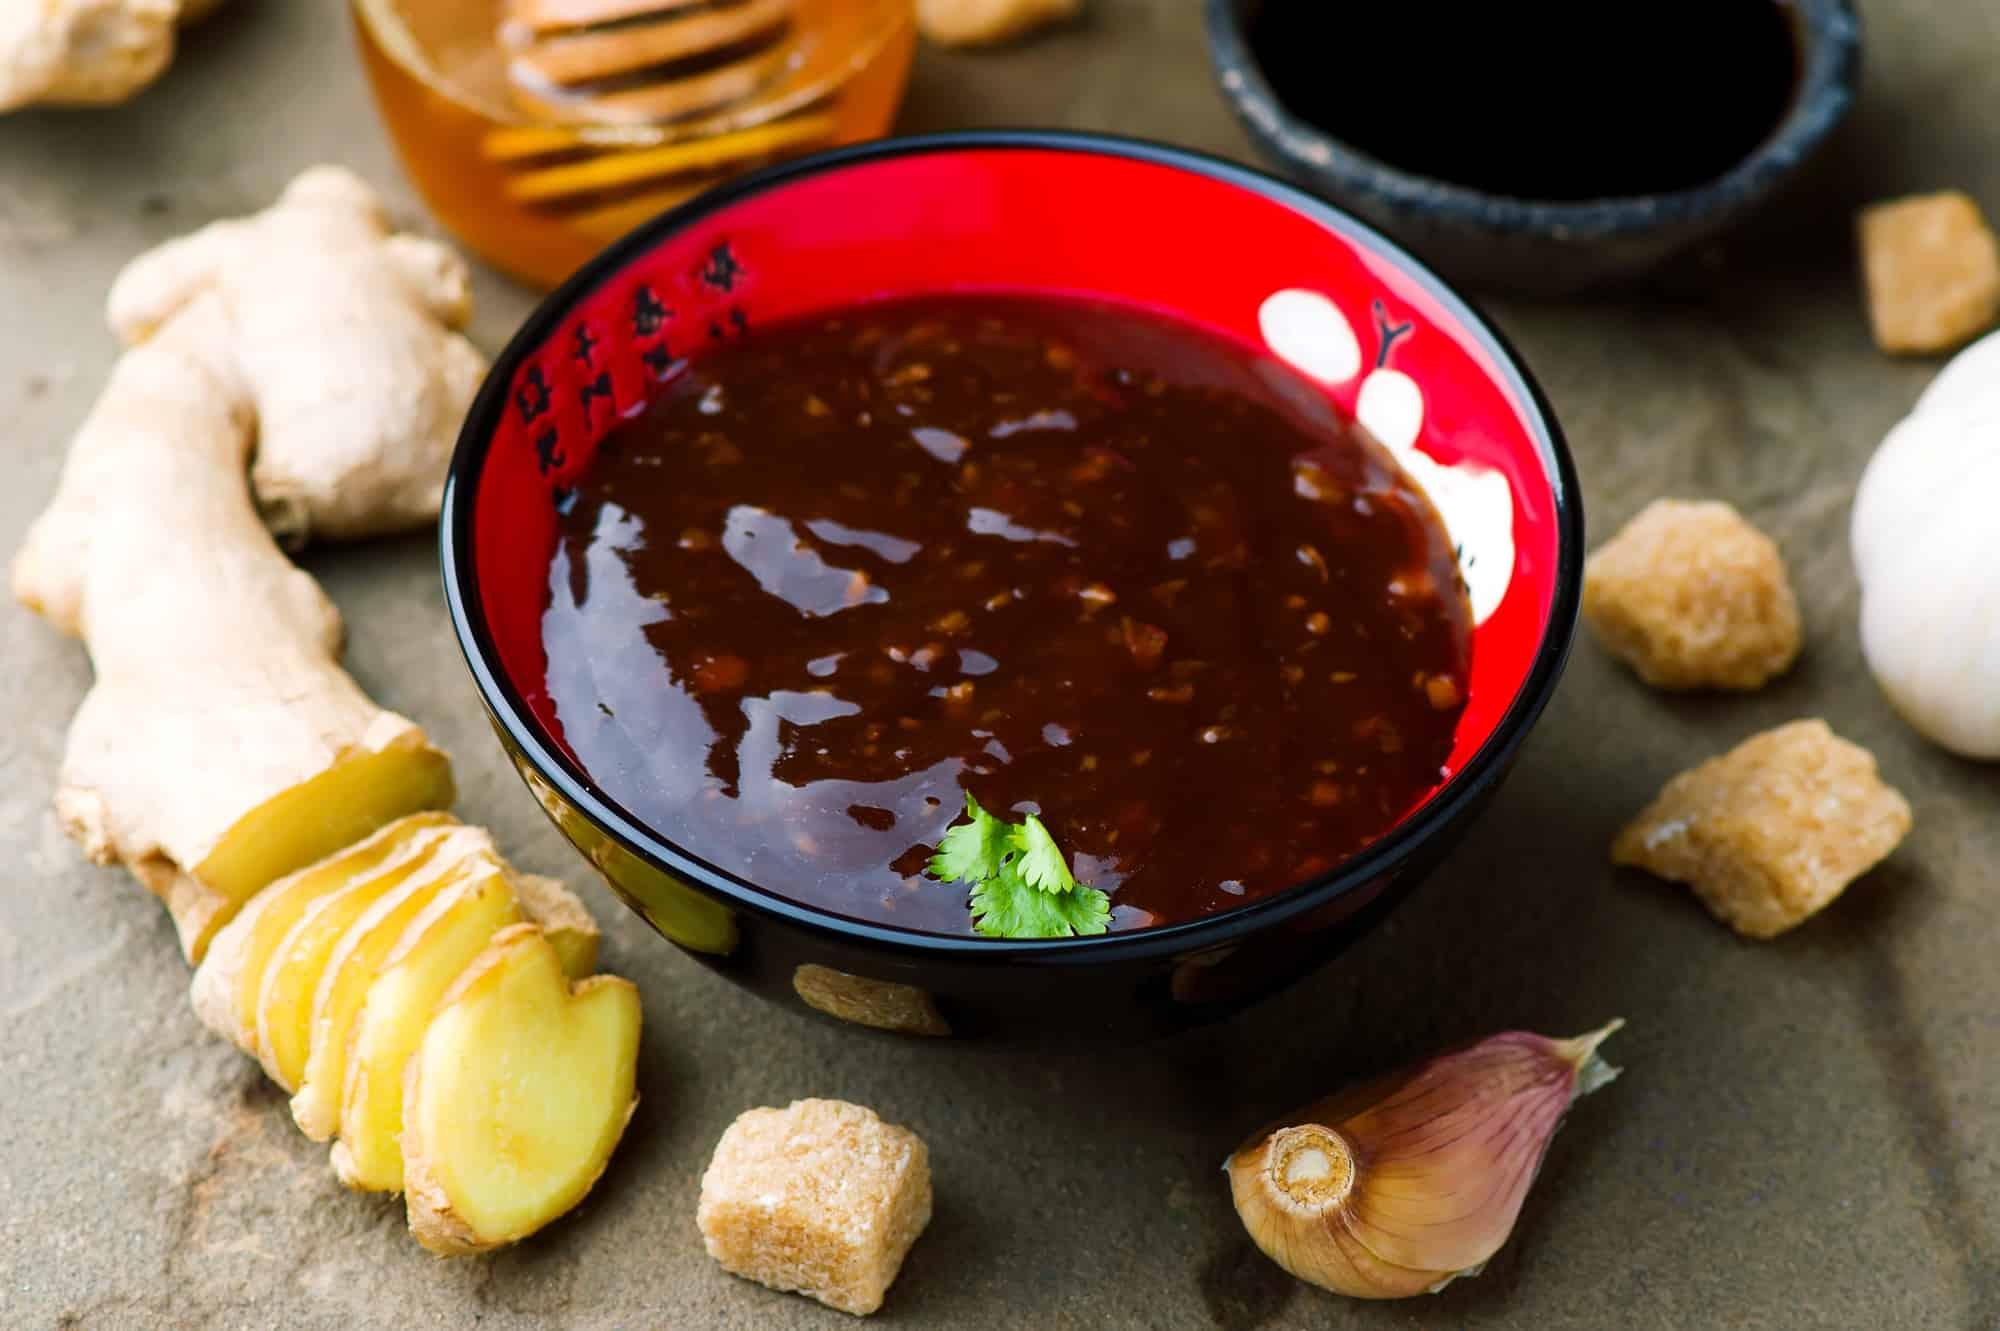 Teriyaki sauce